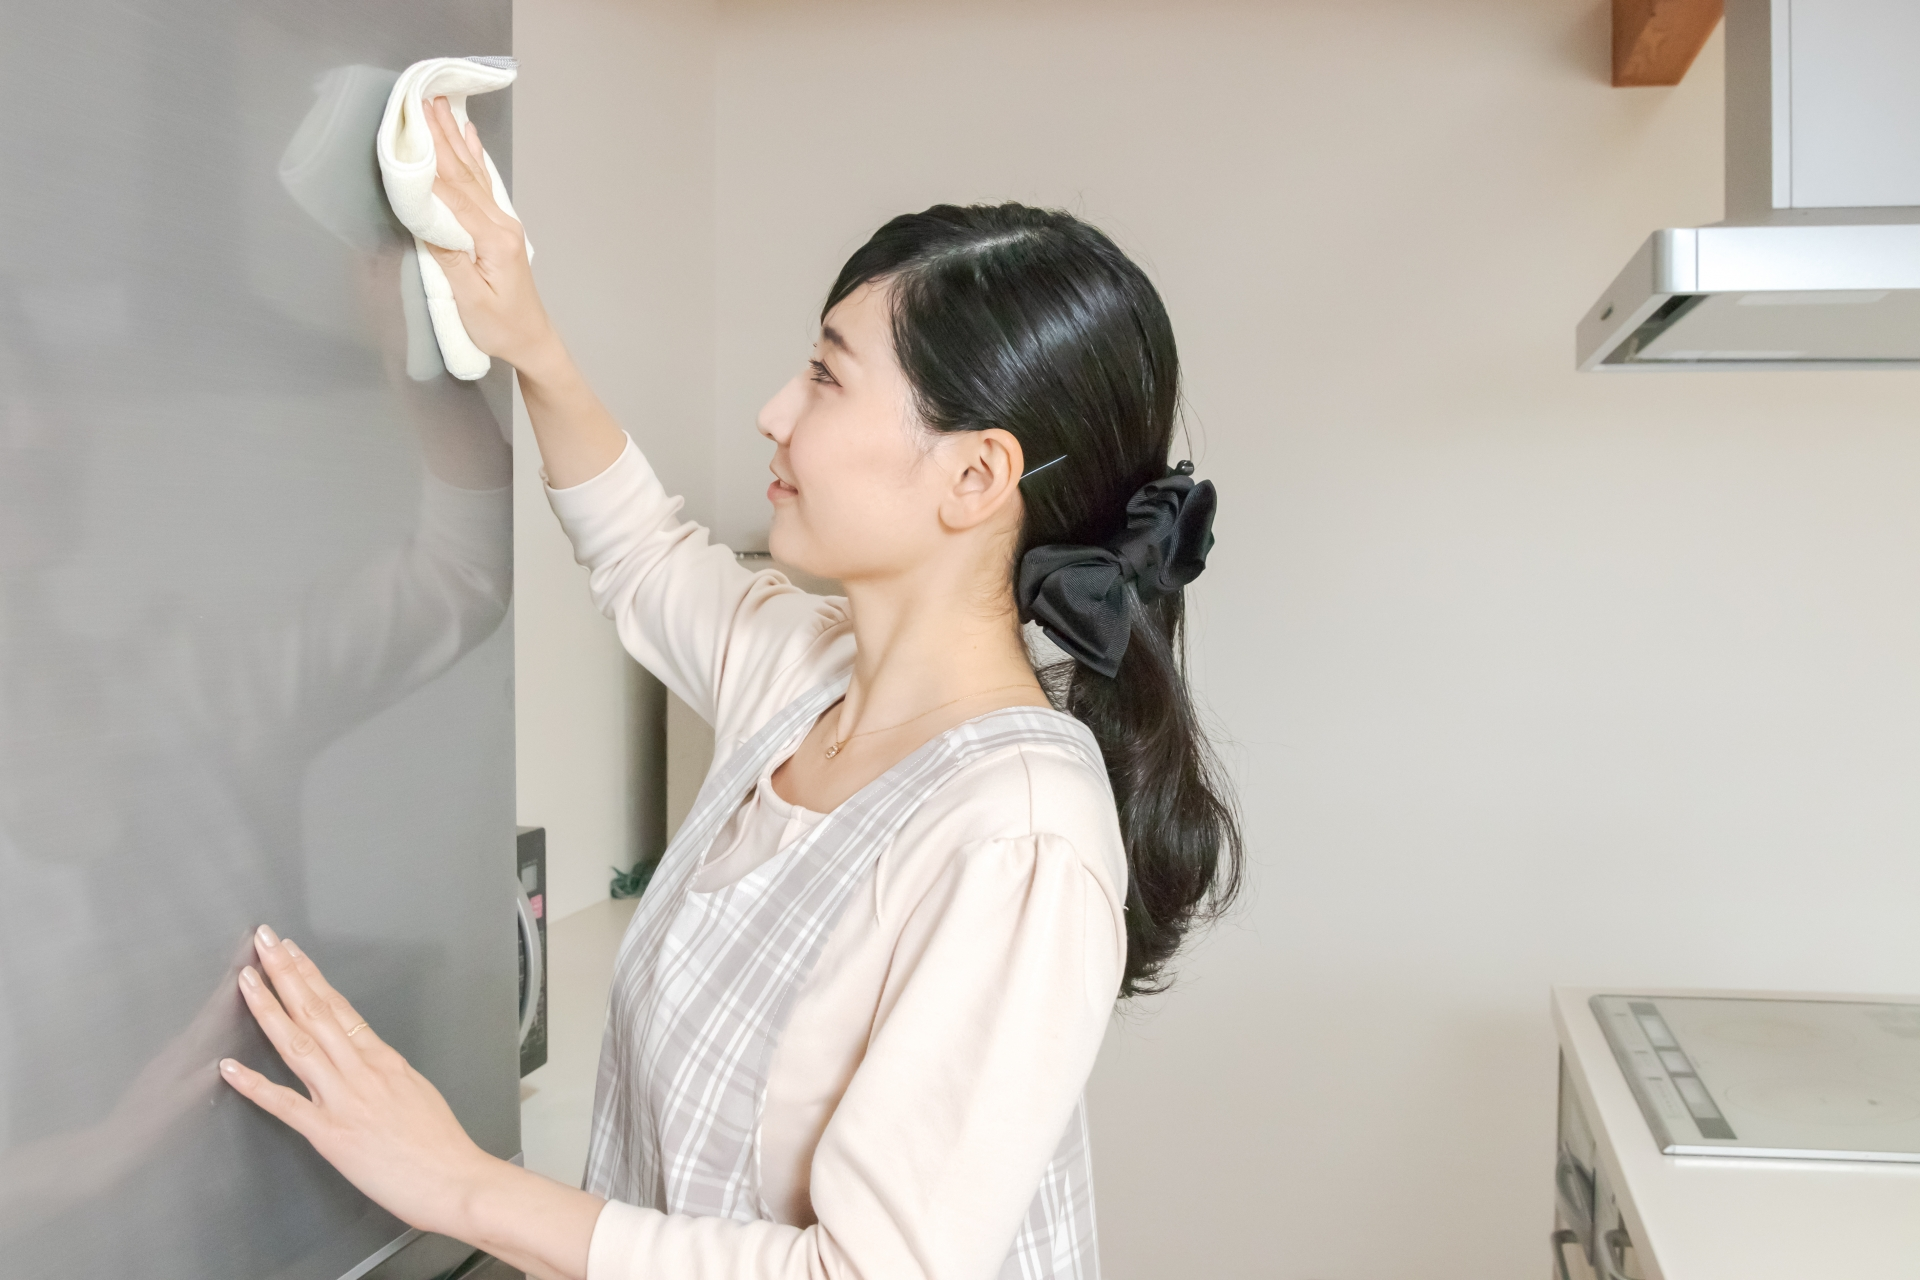 冷蔵庫の掃除。カビや菌を予防する梅雨時期の掃除方法